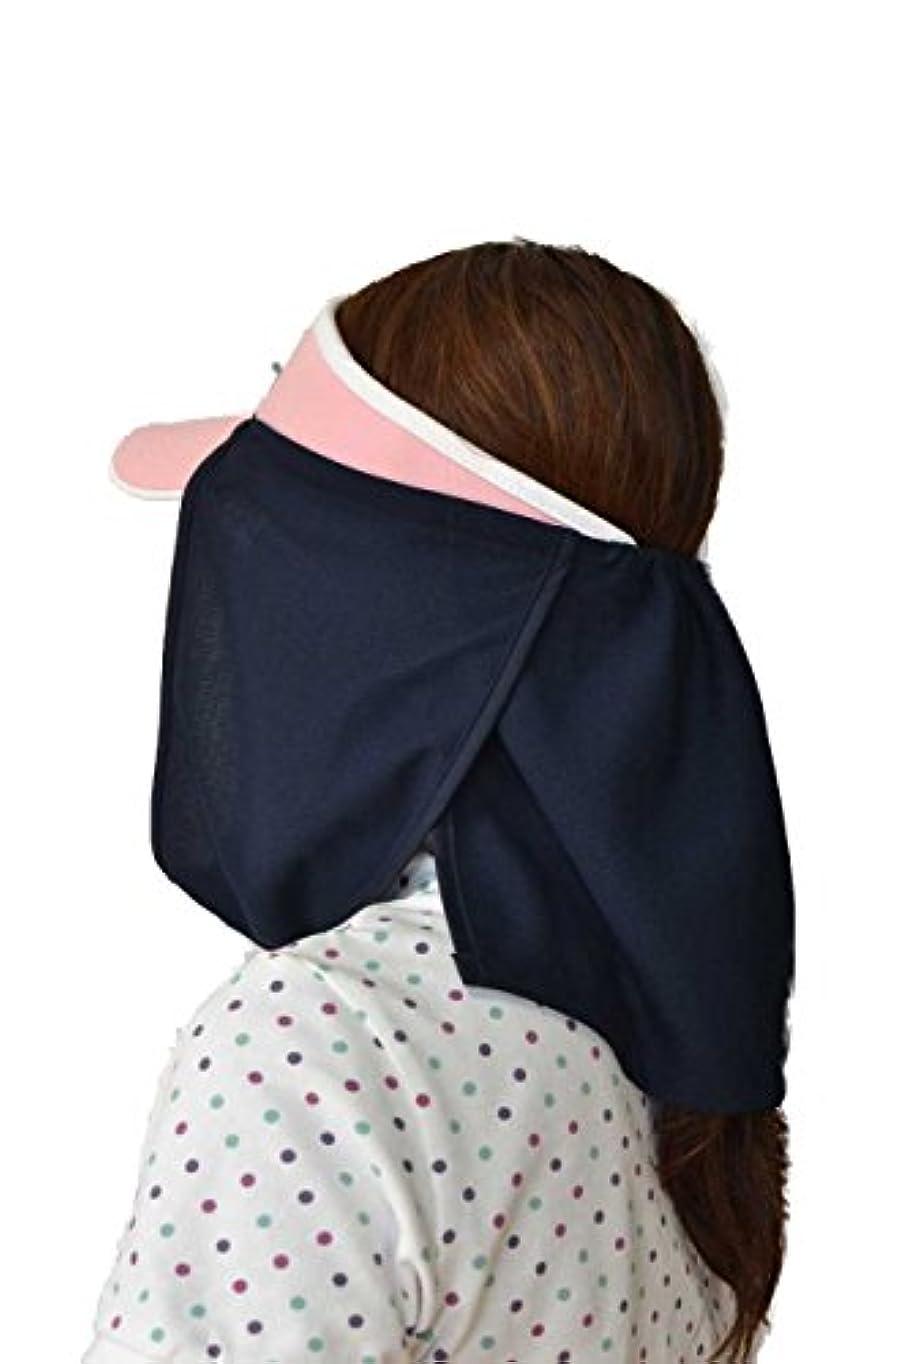 モネもっと少なく崖UVカット帽子カバー?スズシーノ?(紺色)紫外線対策や熱射病、熱中症対策に最適【特許取得済】